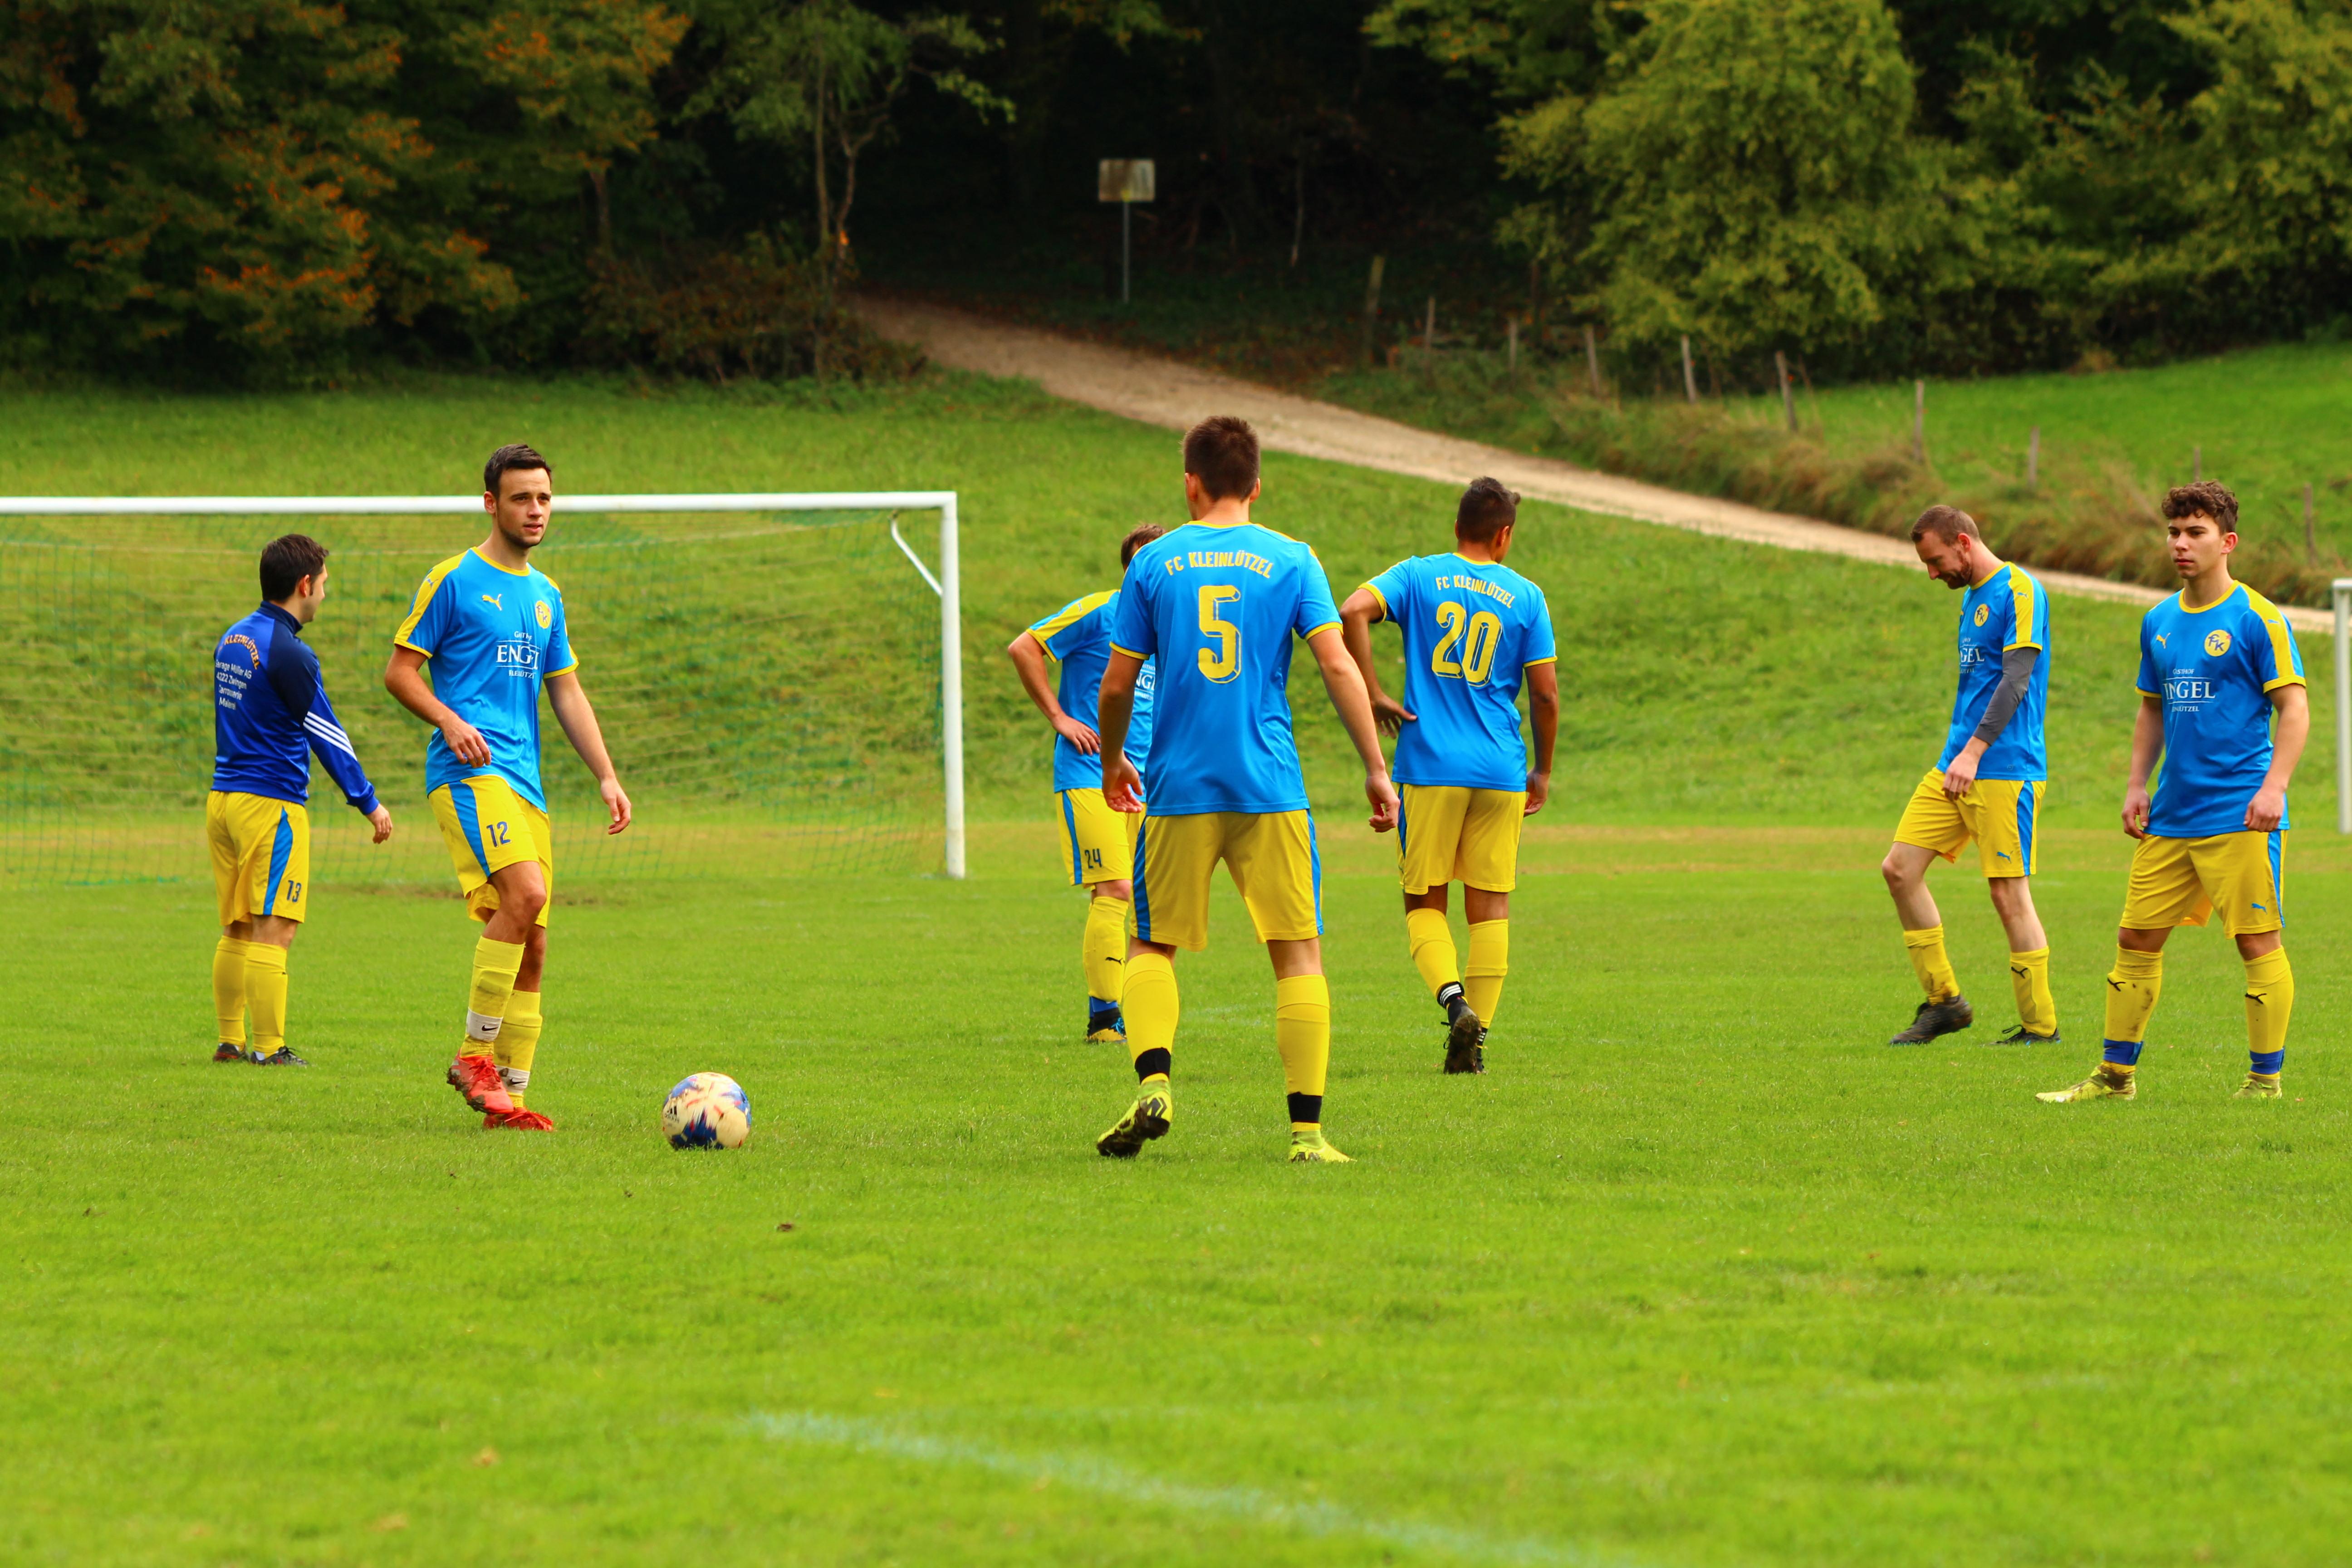 11.10.20  |  FCK - Fc Ettingen